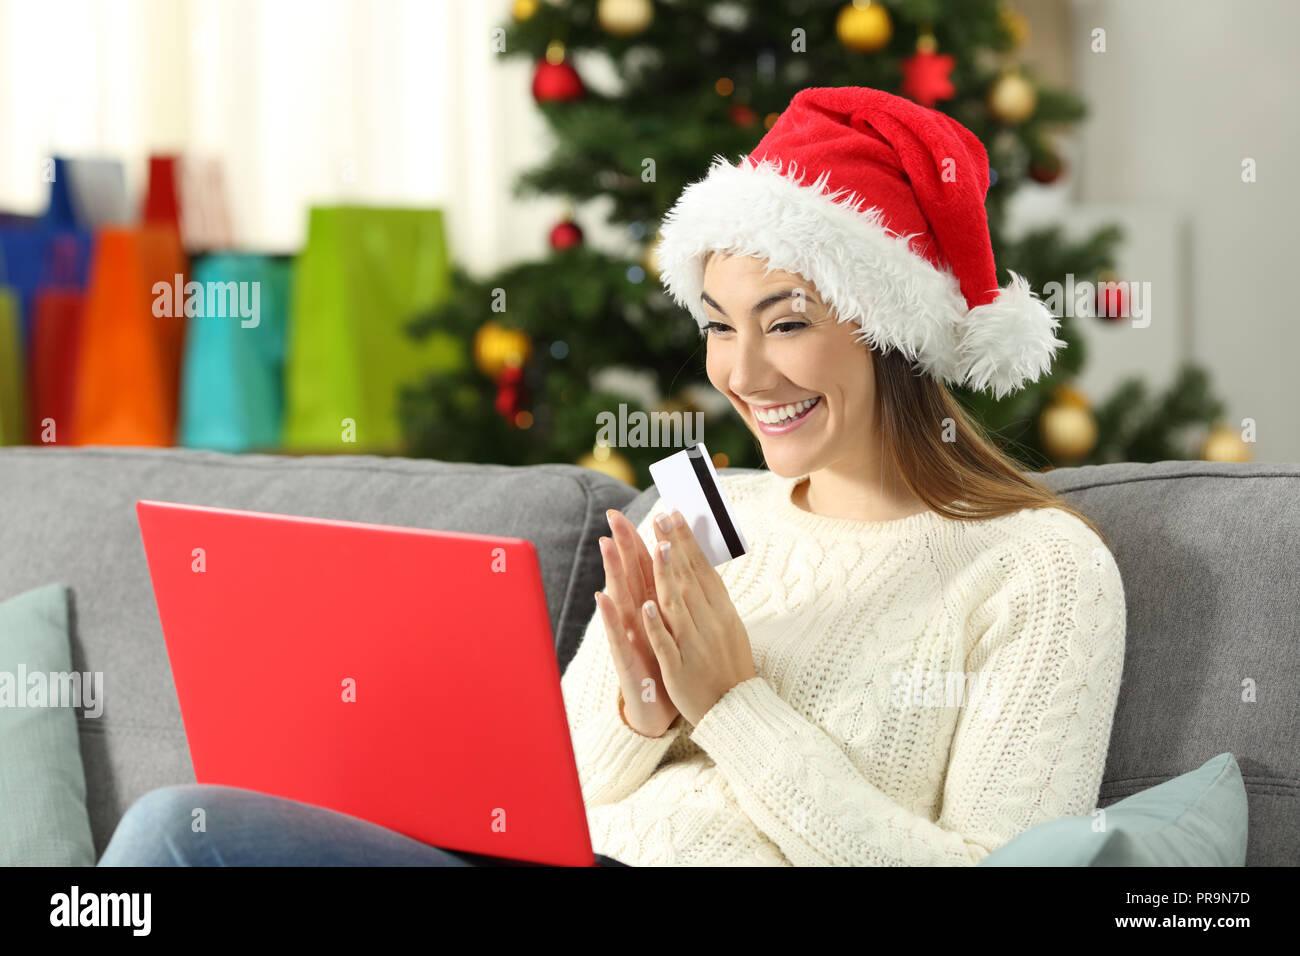 de32a9713bba2 Femme excité l'achat de cadeaux en ligne de Noël assis sur un canapé dans